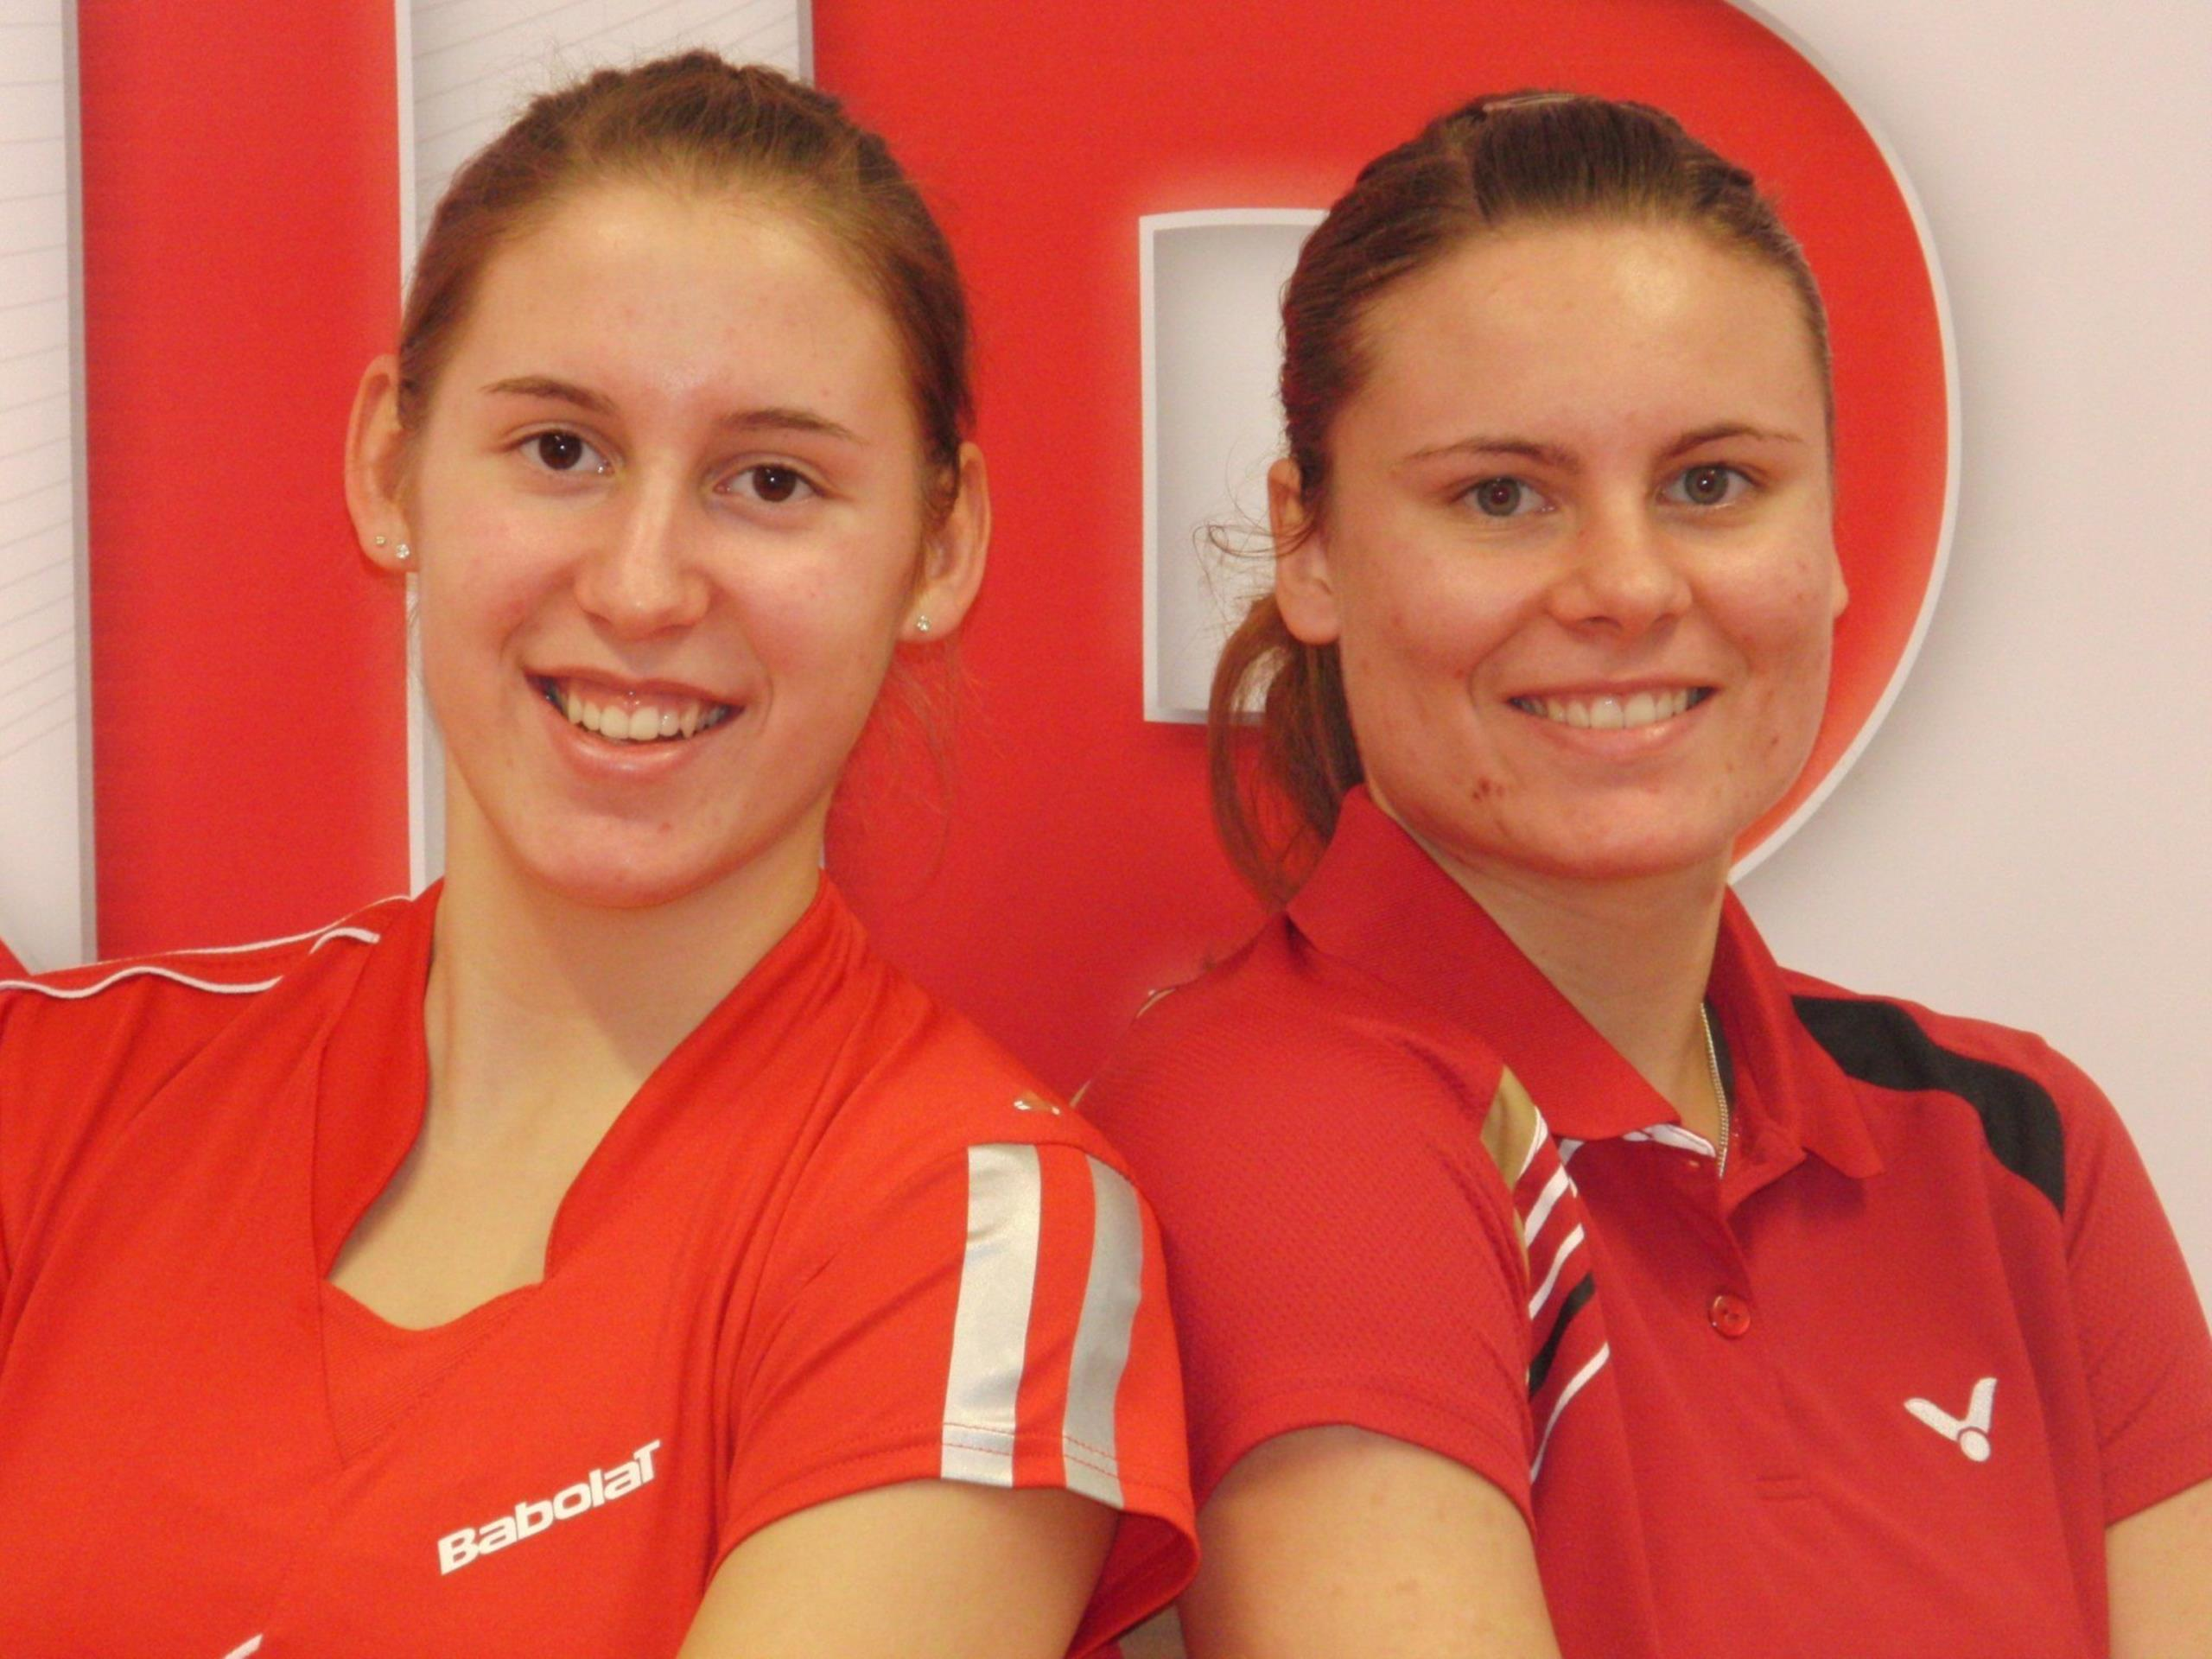 Die 2-fache Landesmeisterin Sarina KOHLFÜRST (rechts) mit ihrer Partnerin Nathalie ZIESIG (links)